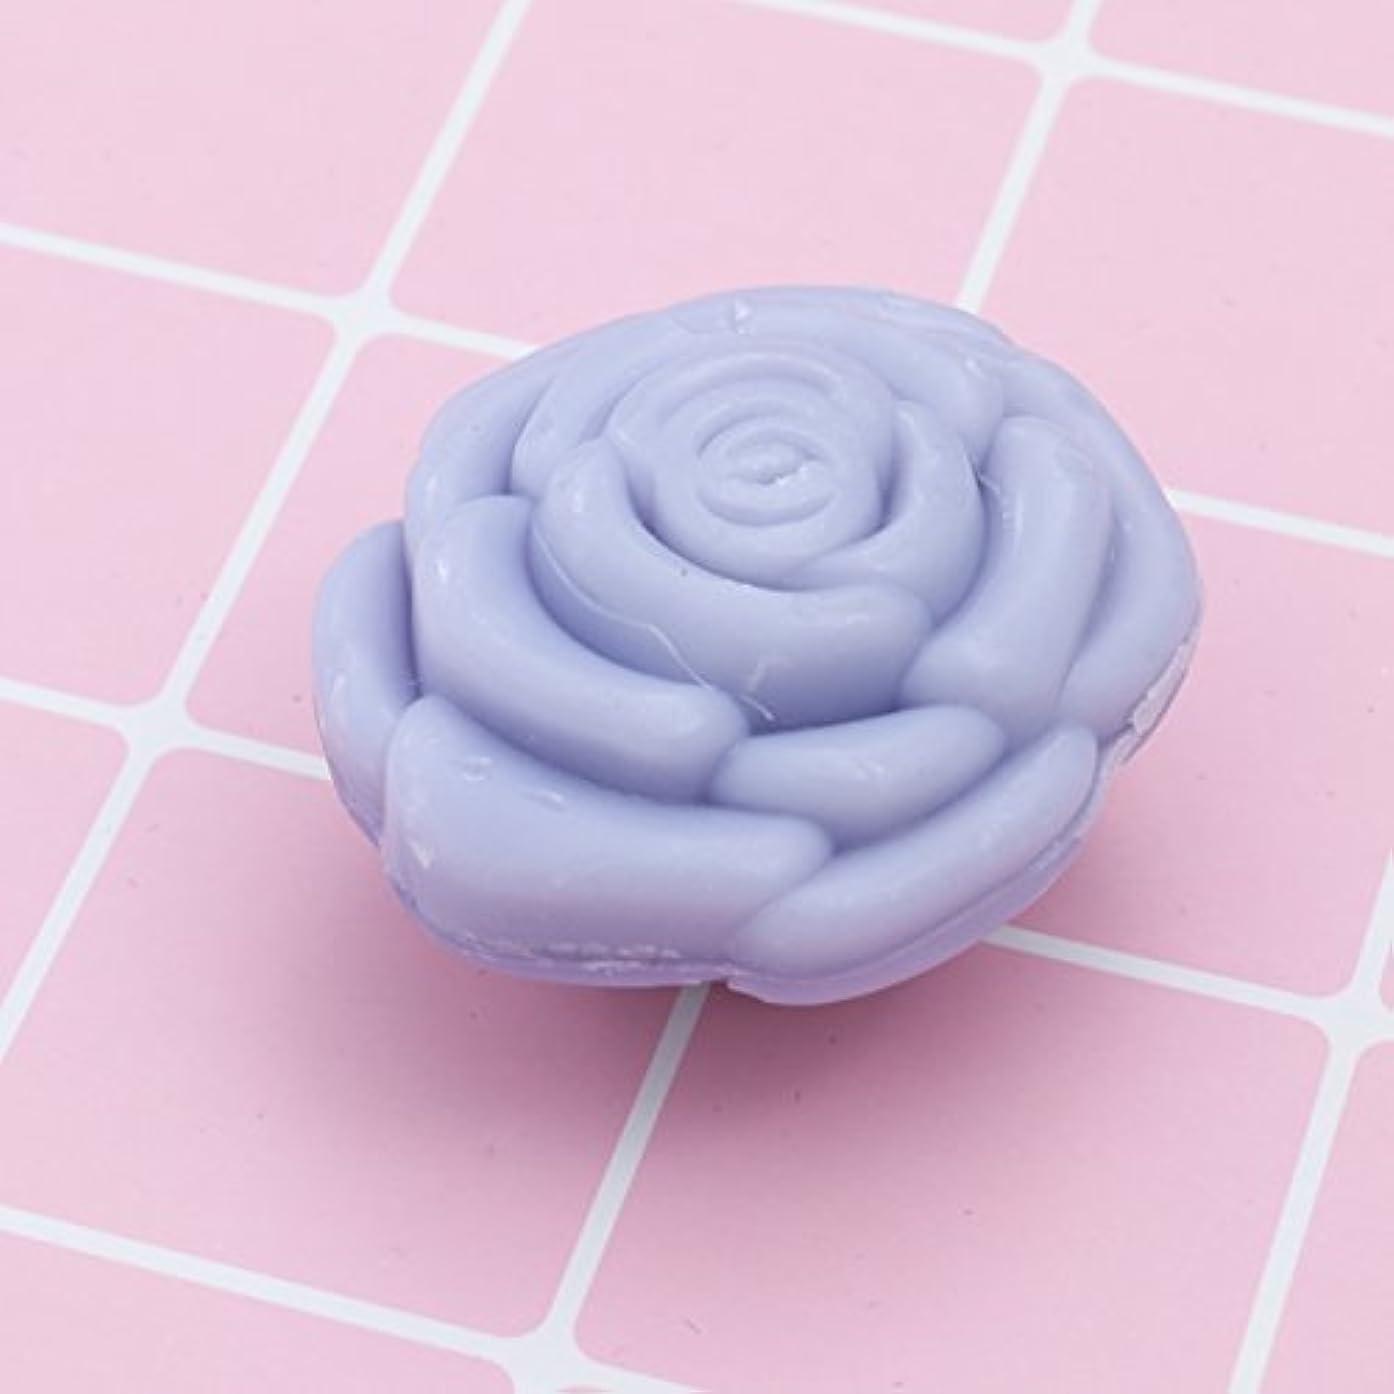 誤解機動誘発するAmosfun 手作り石鹸オイルローズフラワーソープアロマエッセンシャルオイルギフト記念日誕生日結婚式バレンタインデー(紫)20ピース